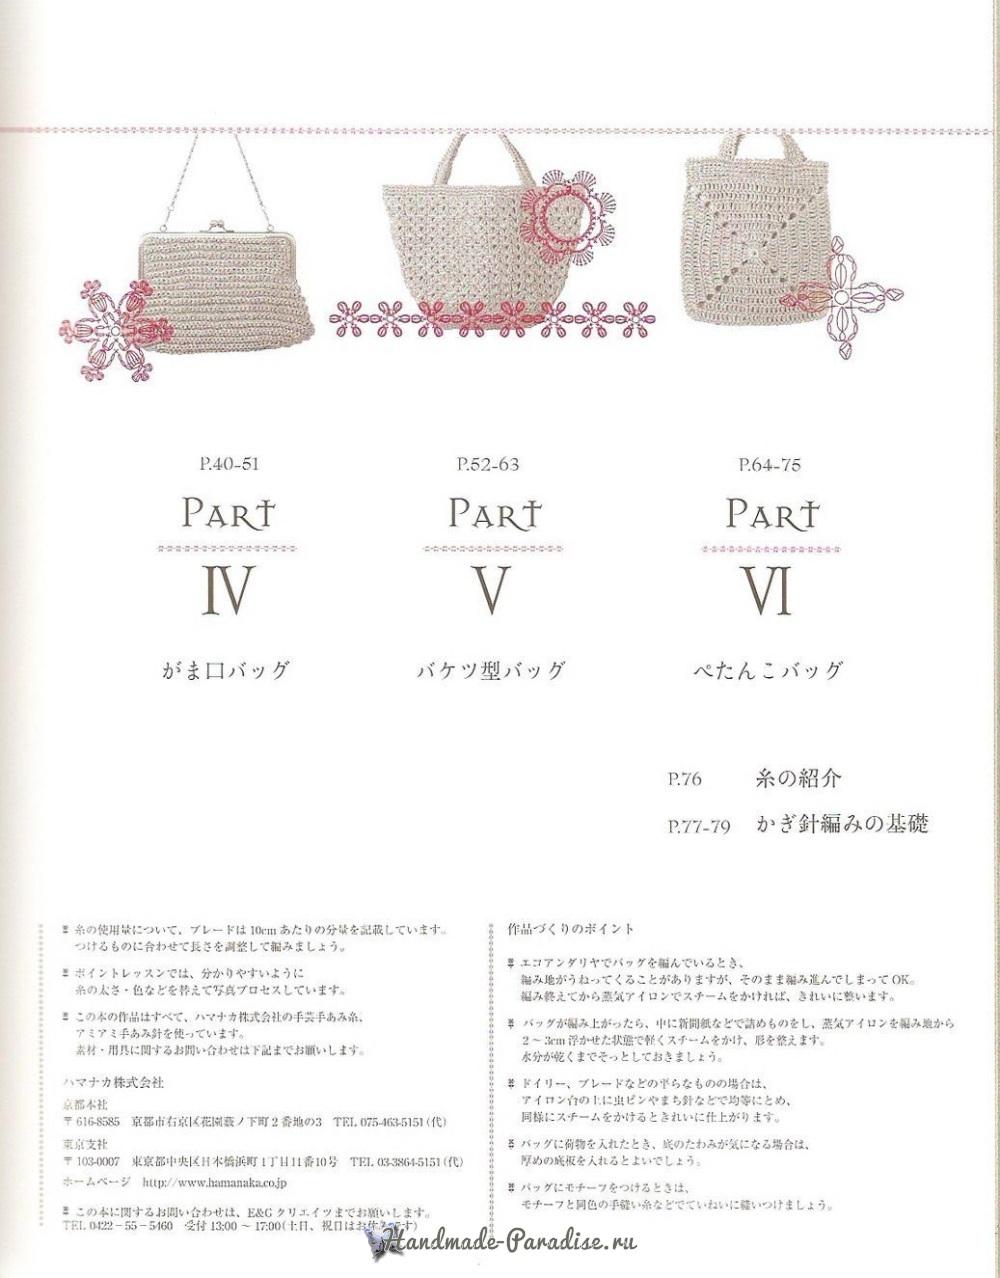 Вязание сумок из полиэтиленовой пряжи. Японский журнал (2)